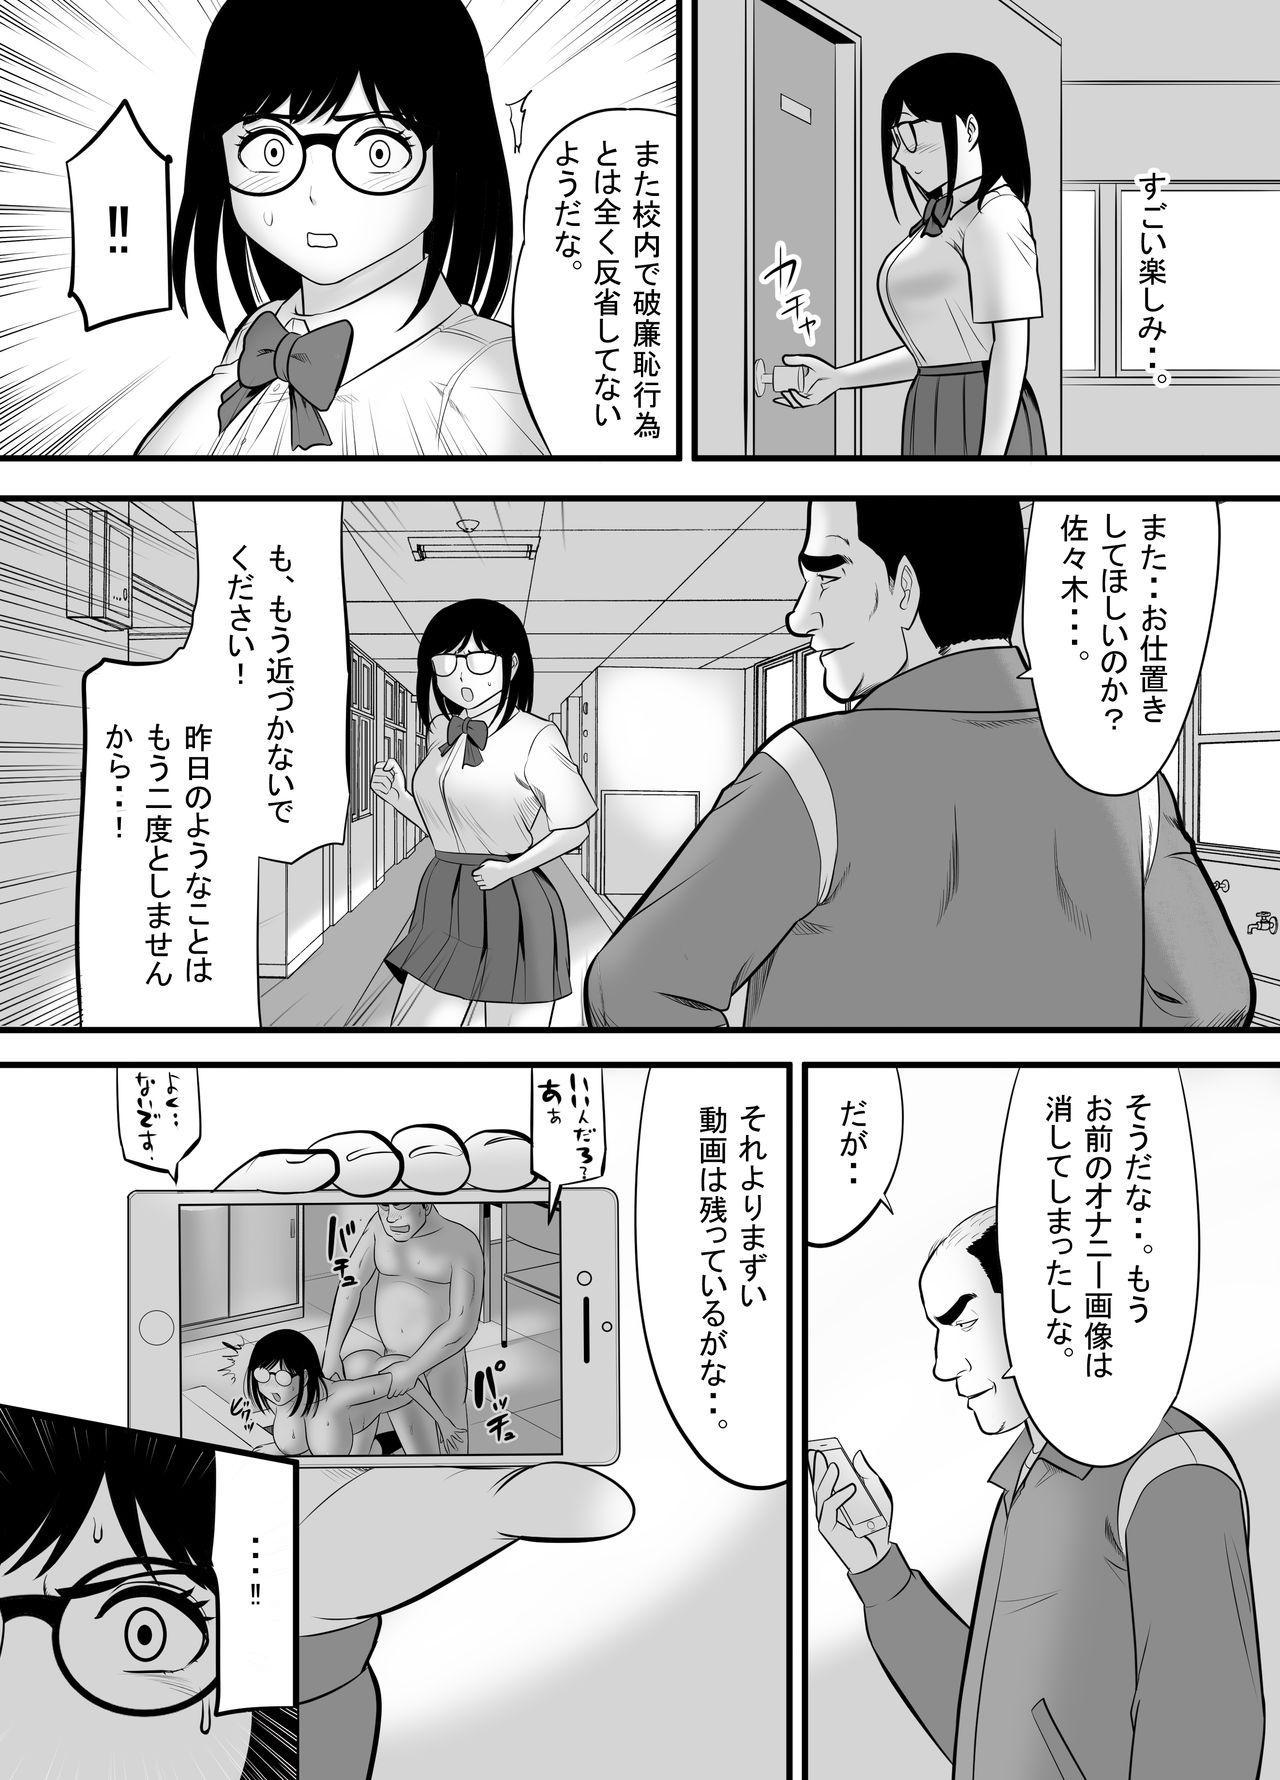 Namaiki na Danshi Seito ga Ita node Juujun na Kanojo o Kawari ni Otoshite yatta 29